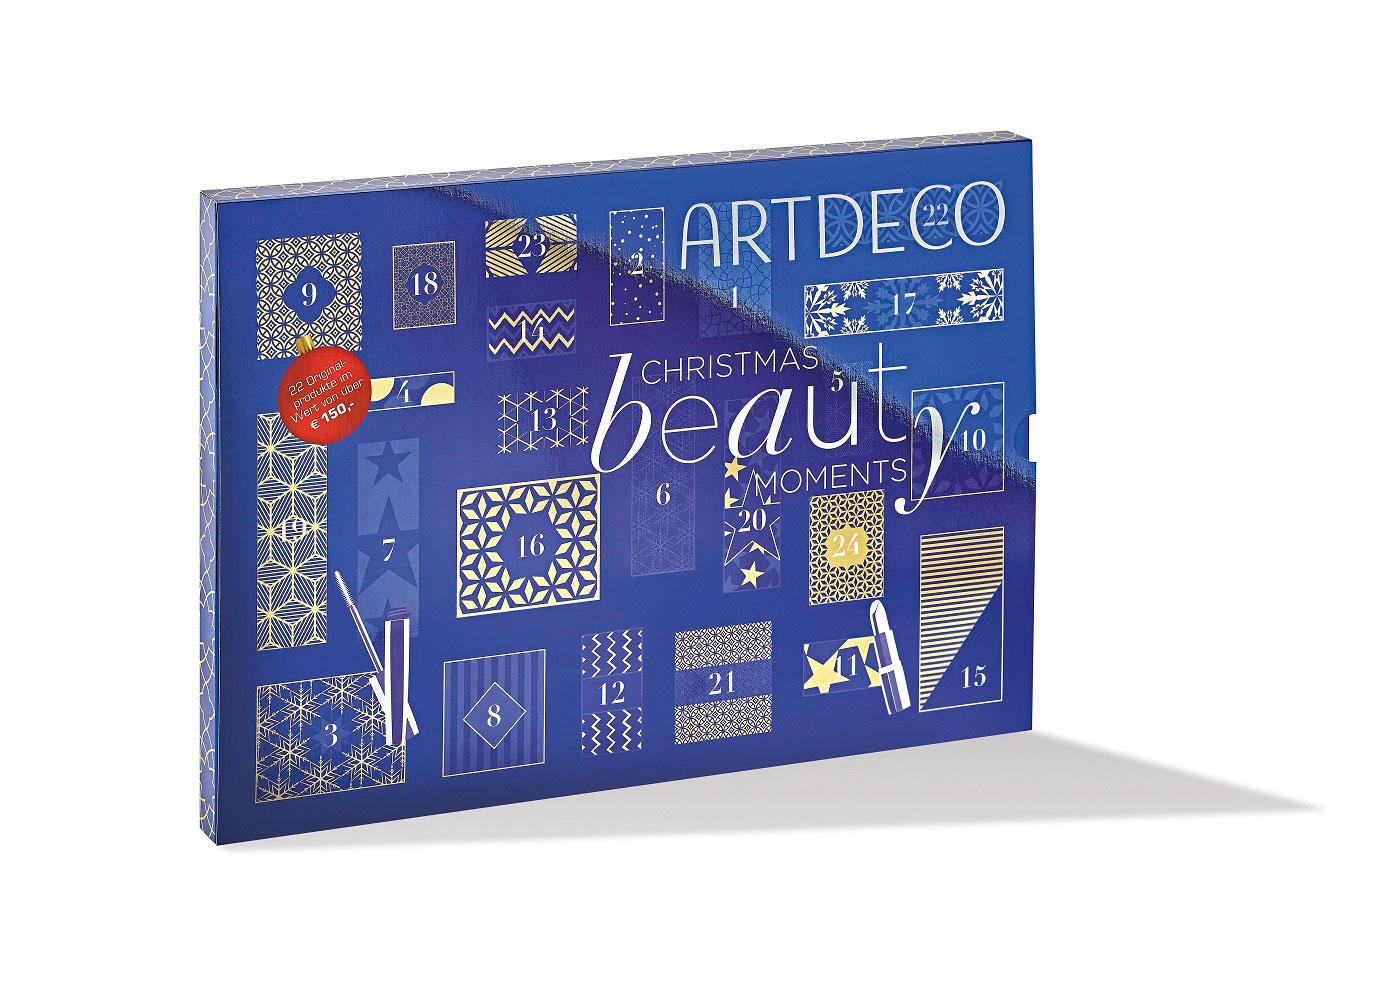 artdeco adventskalender 2018 online kosmetikshop. Black Bedroom Furniture Sets. Home Design Ideas